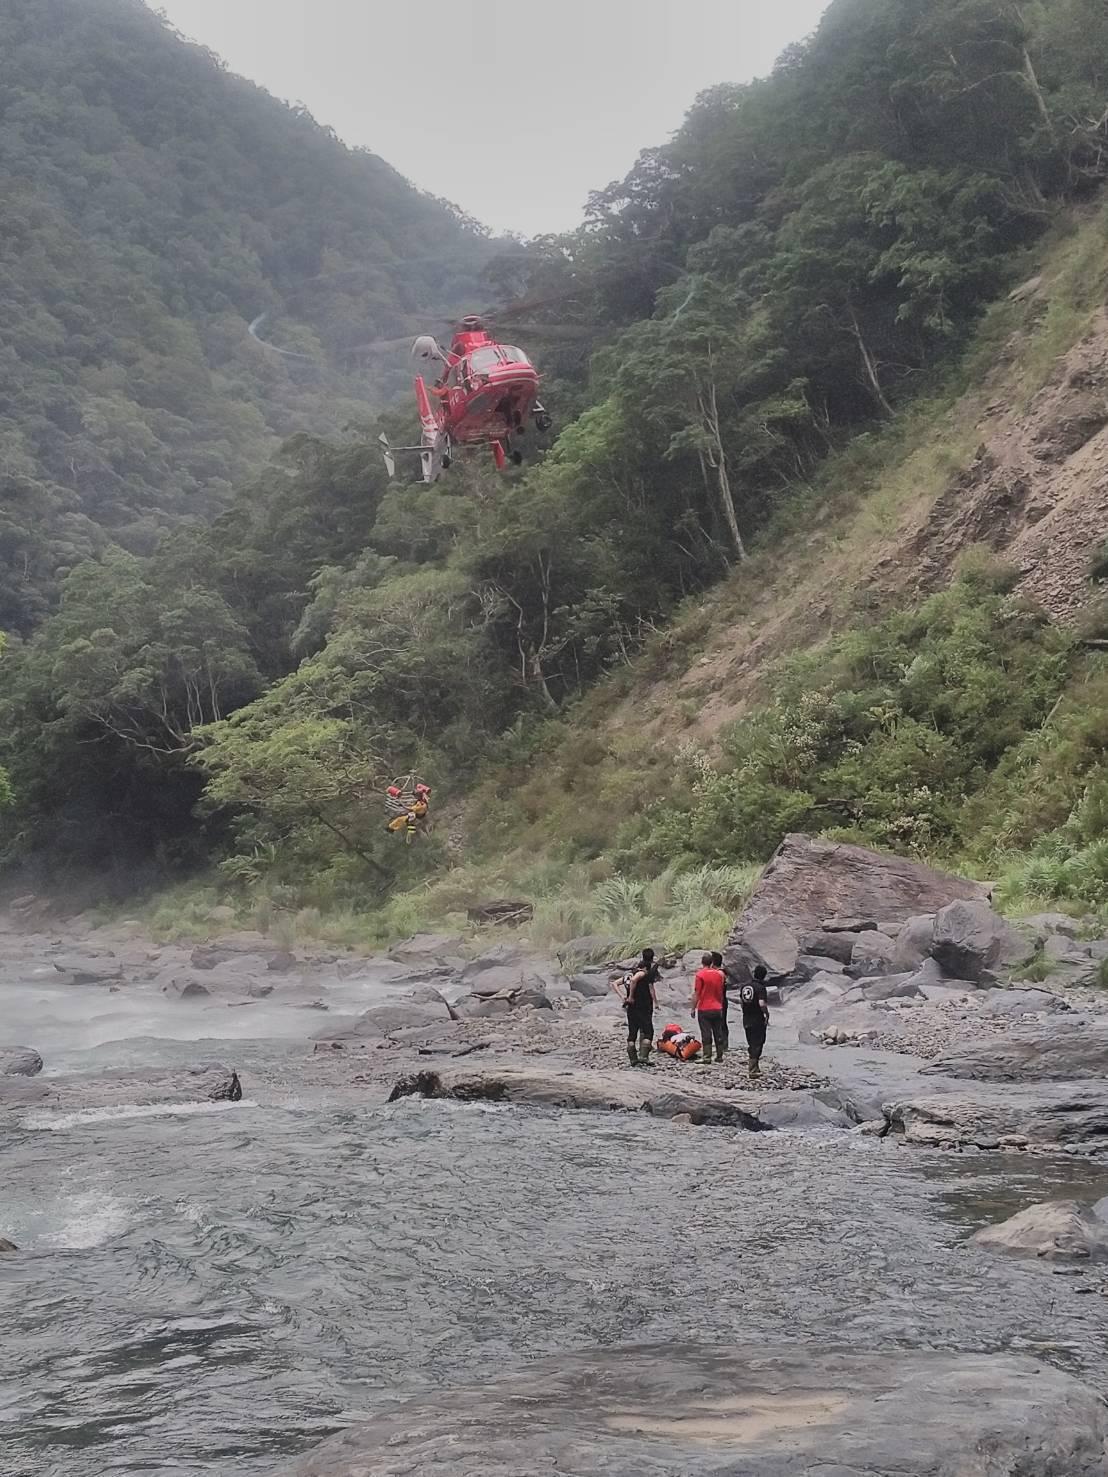 登山是許多人重要戶外活動,但需視體力與時間,量力而為。圖/讀者提供